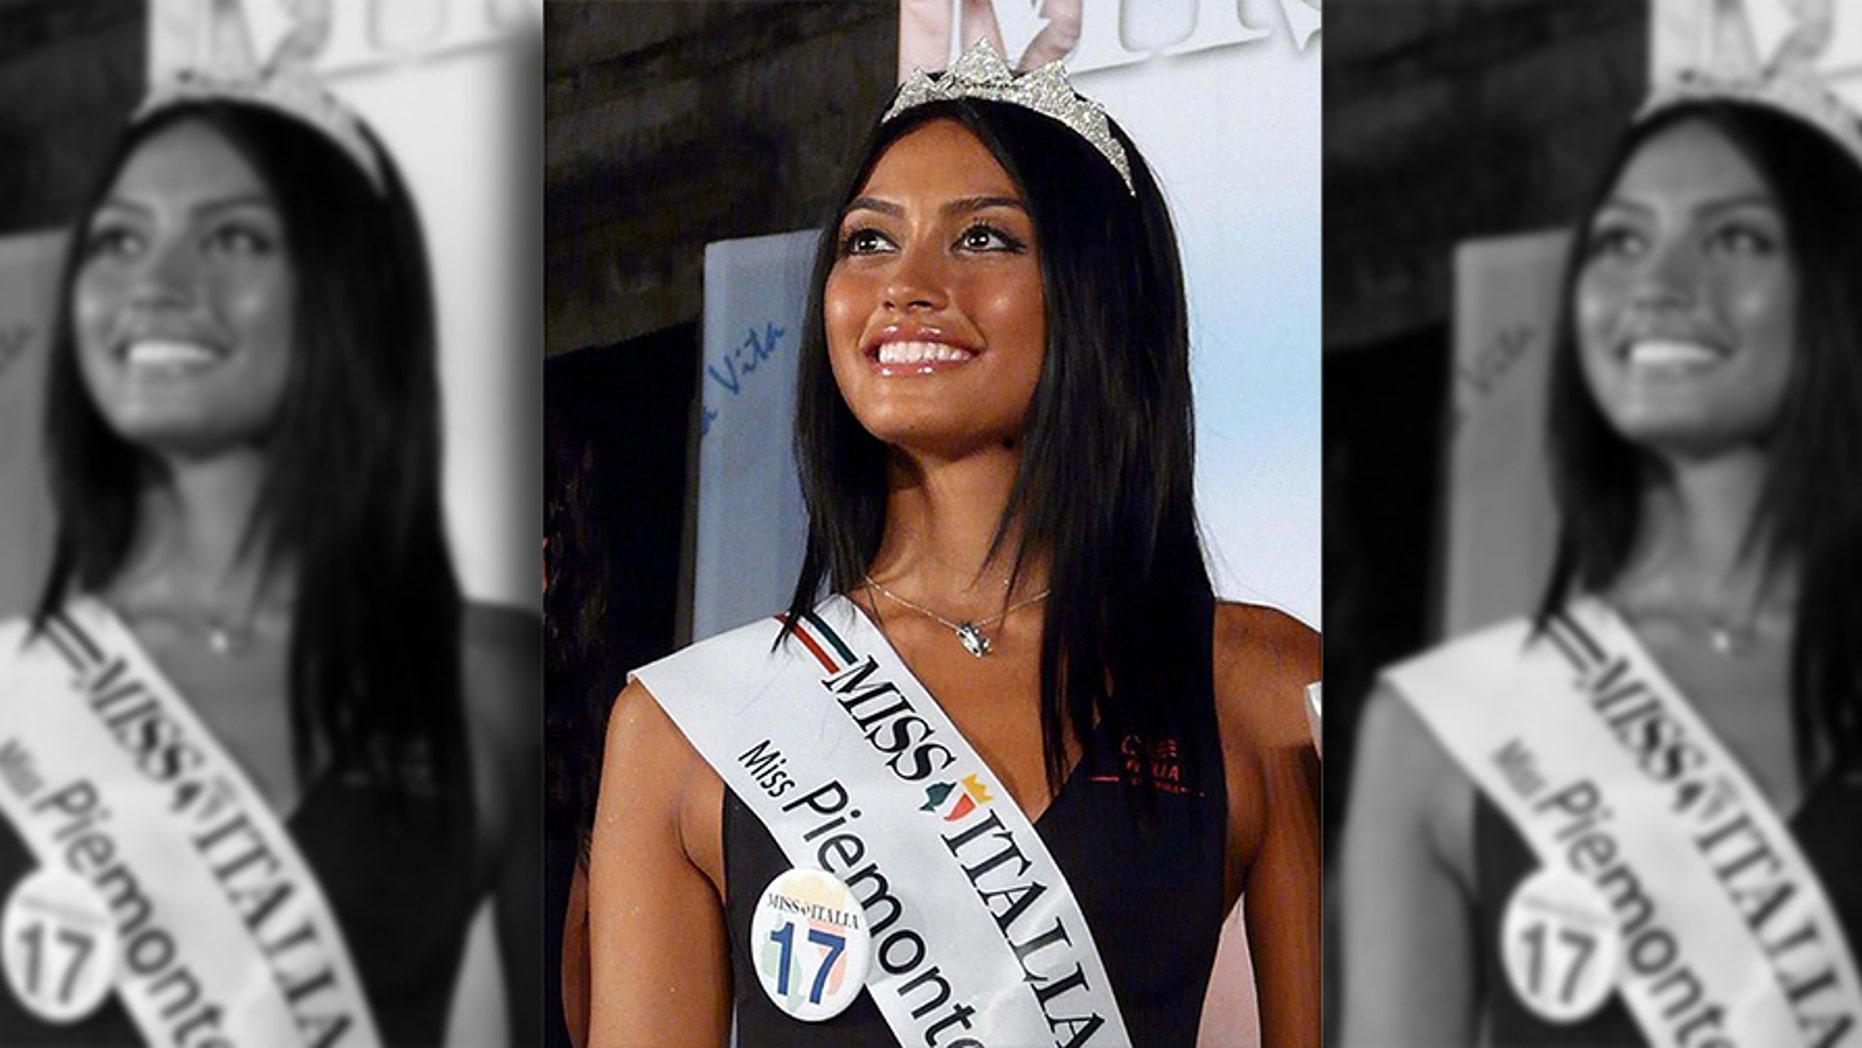 Italy, Milan - April 13, 2011.Ambra Battilana, involved in Berlusconi's sex affaire..File from facebook. (Credit Image: ©  via ZUMA Press)